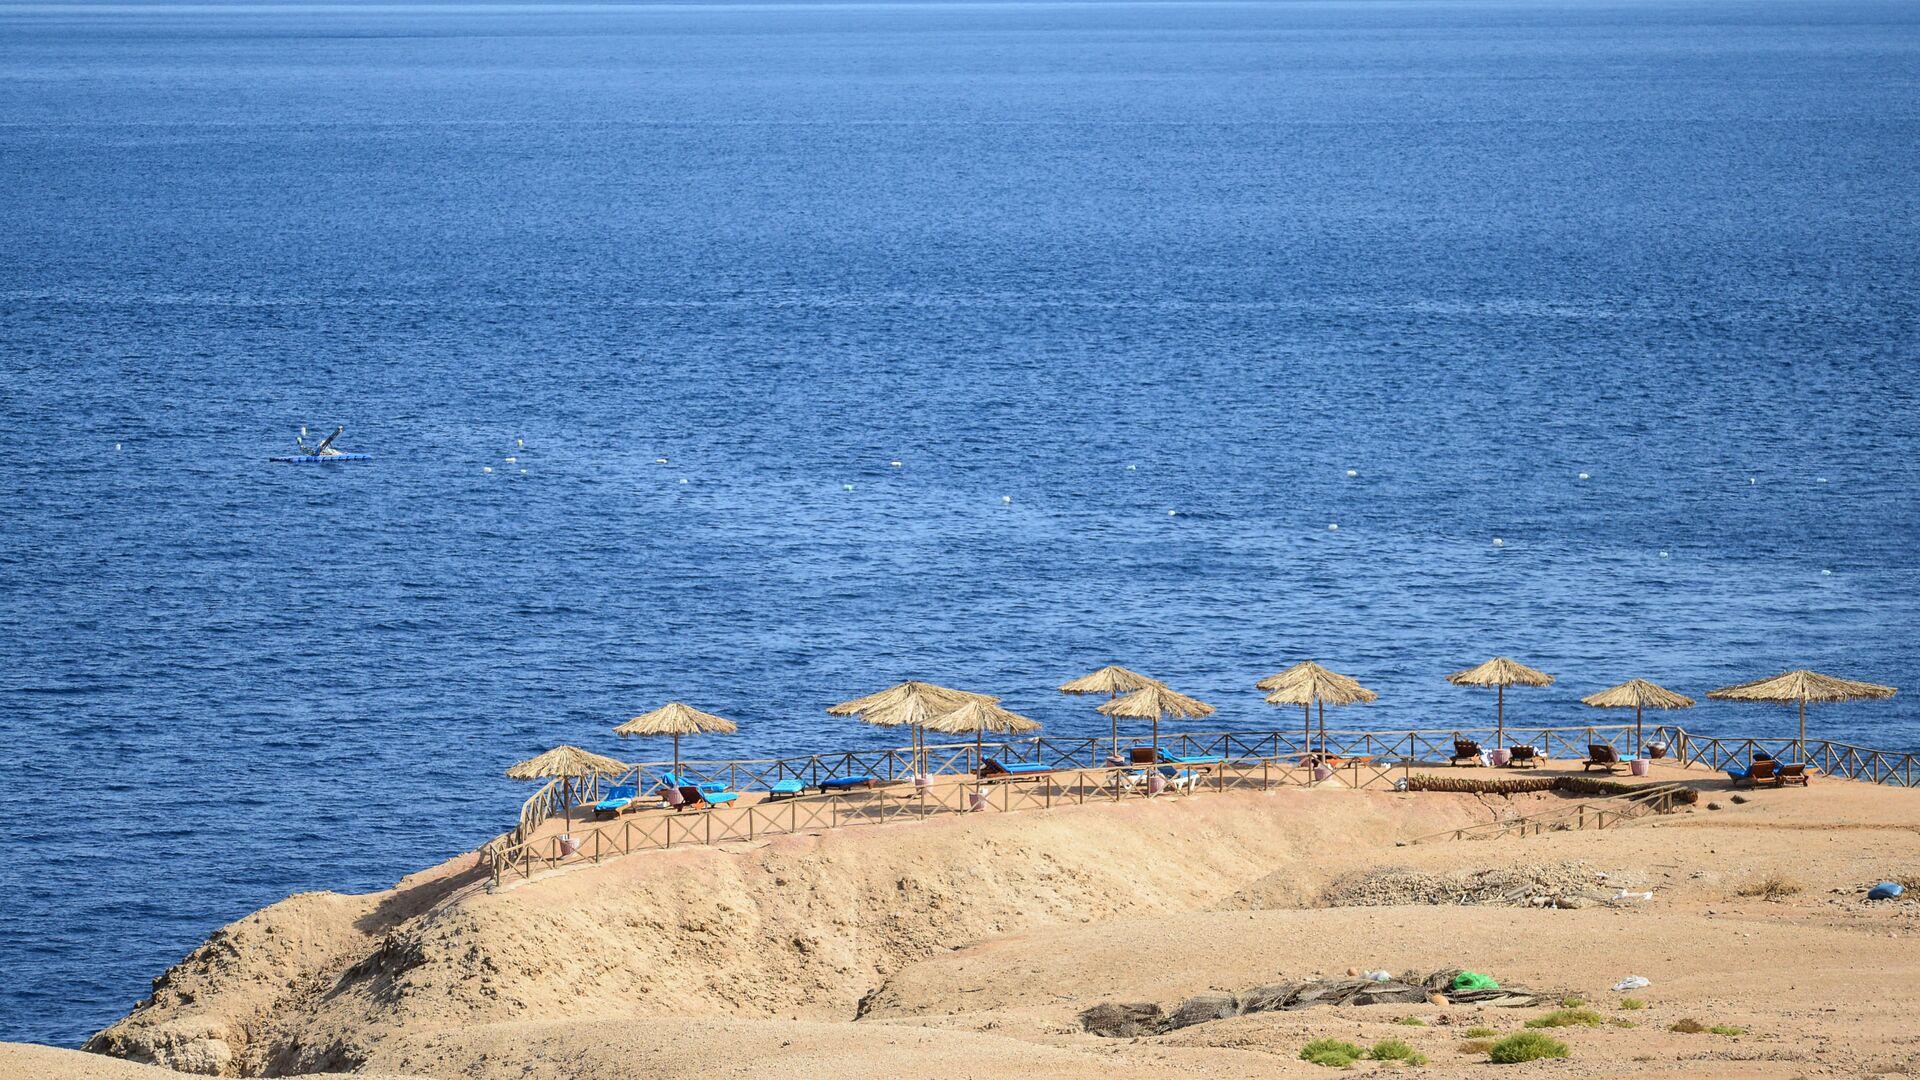 Вид на пляж в Шарм-эль-Шейхе - РИА Новости, 1920, 19.07.2021